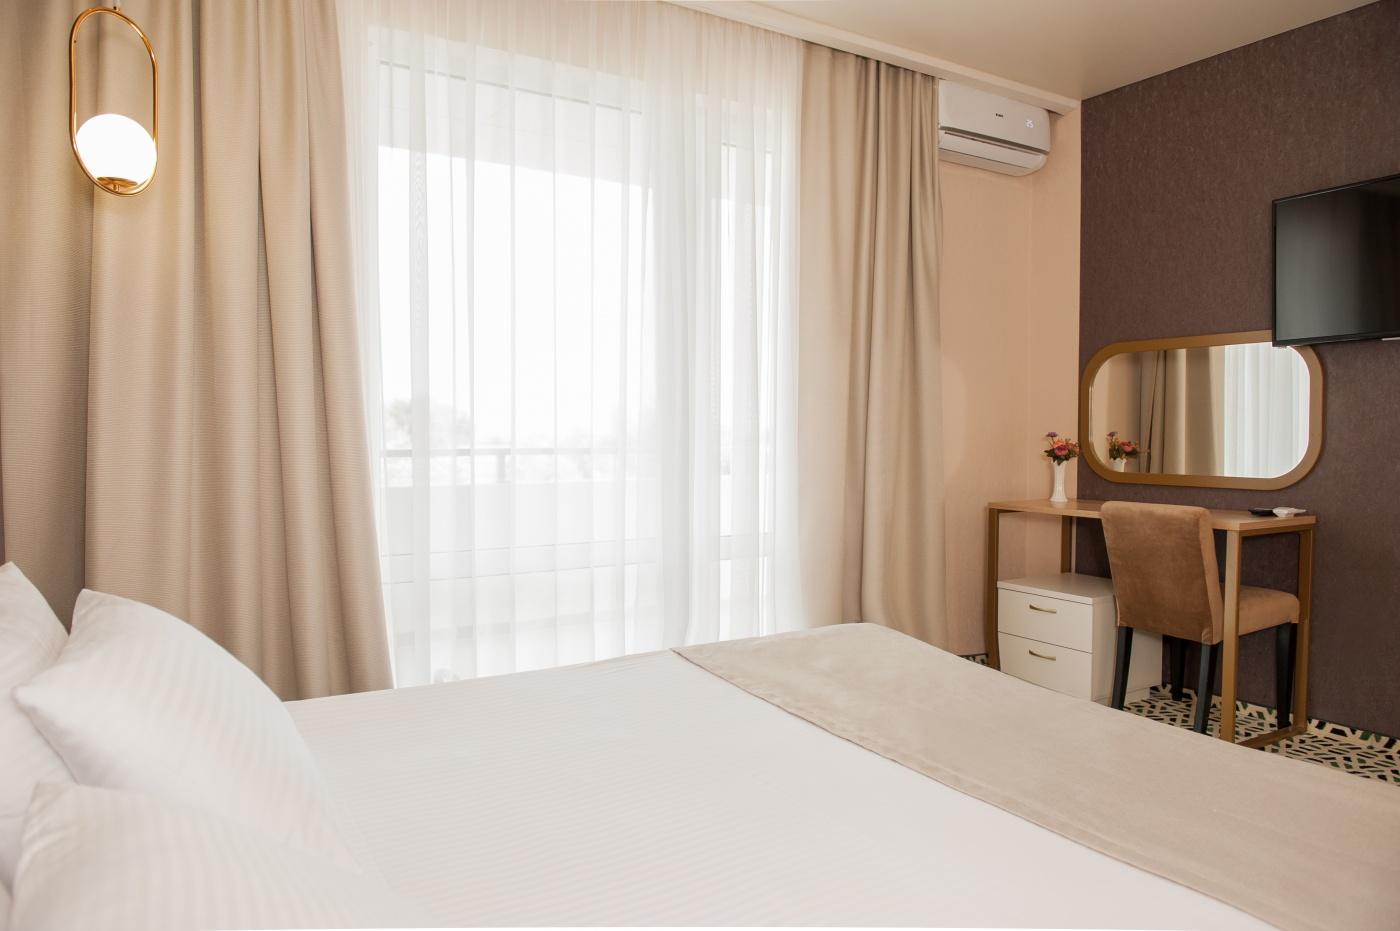 Отель «Aurum Family Resort & Spa» Краснодарский край Apartments 2-местный 3-комнатный, фото 9